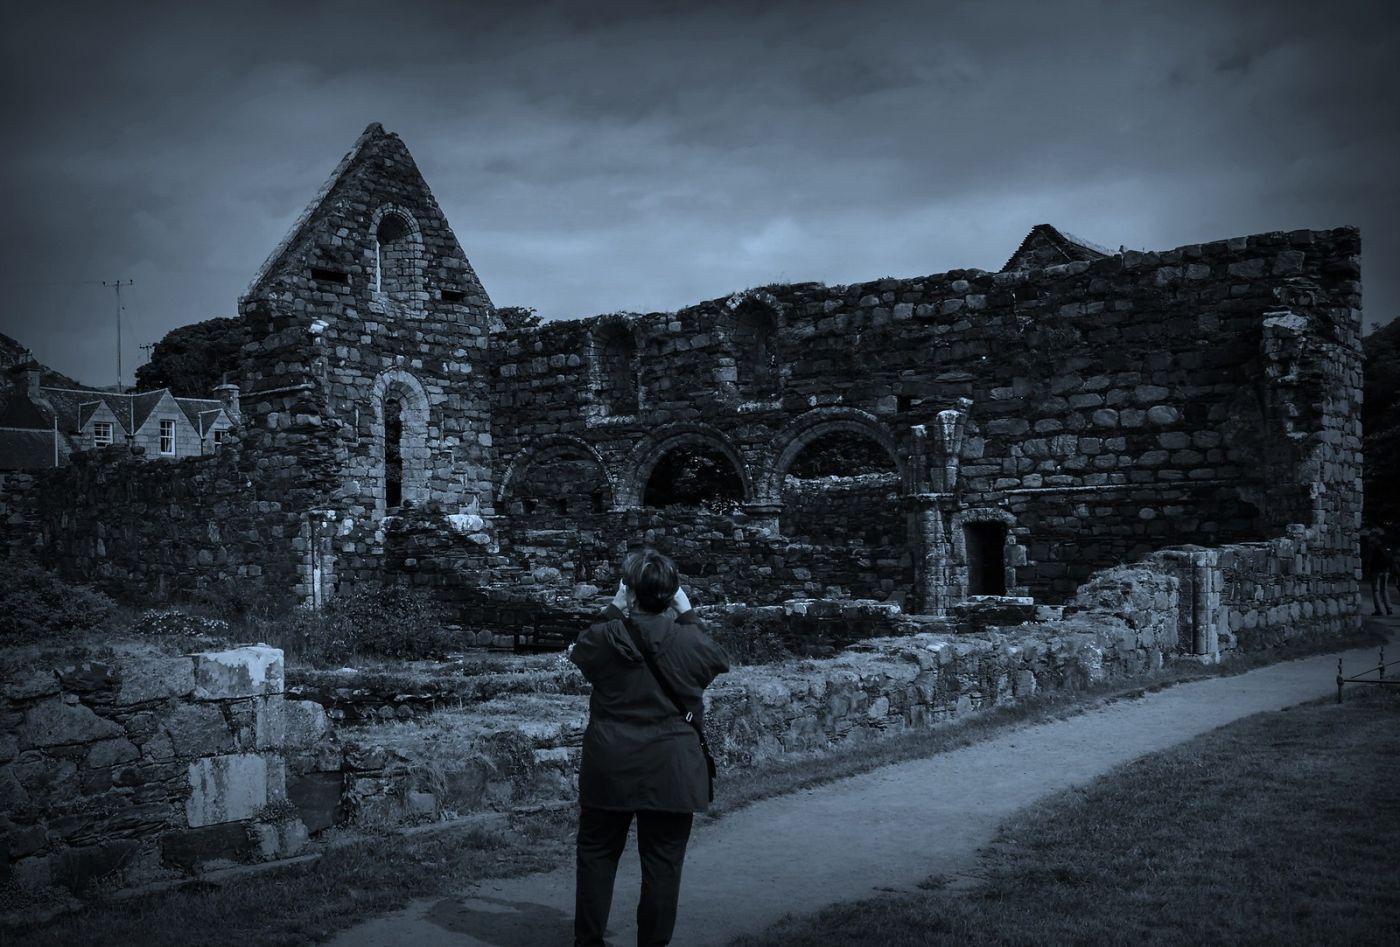 苏格兰圣奥兰教堂(St Oran's Chapel),千年古迹_图1-5